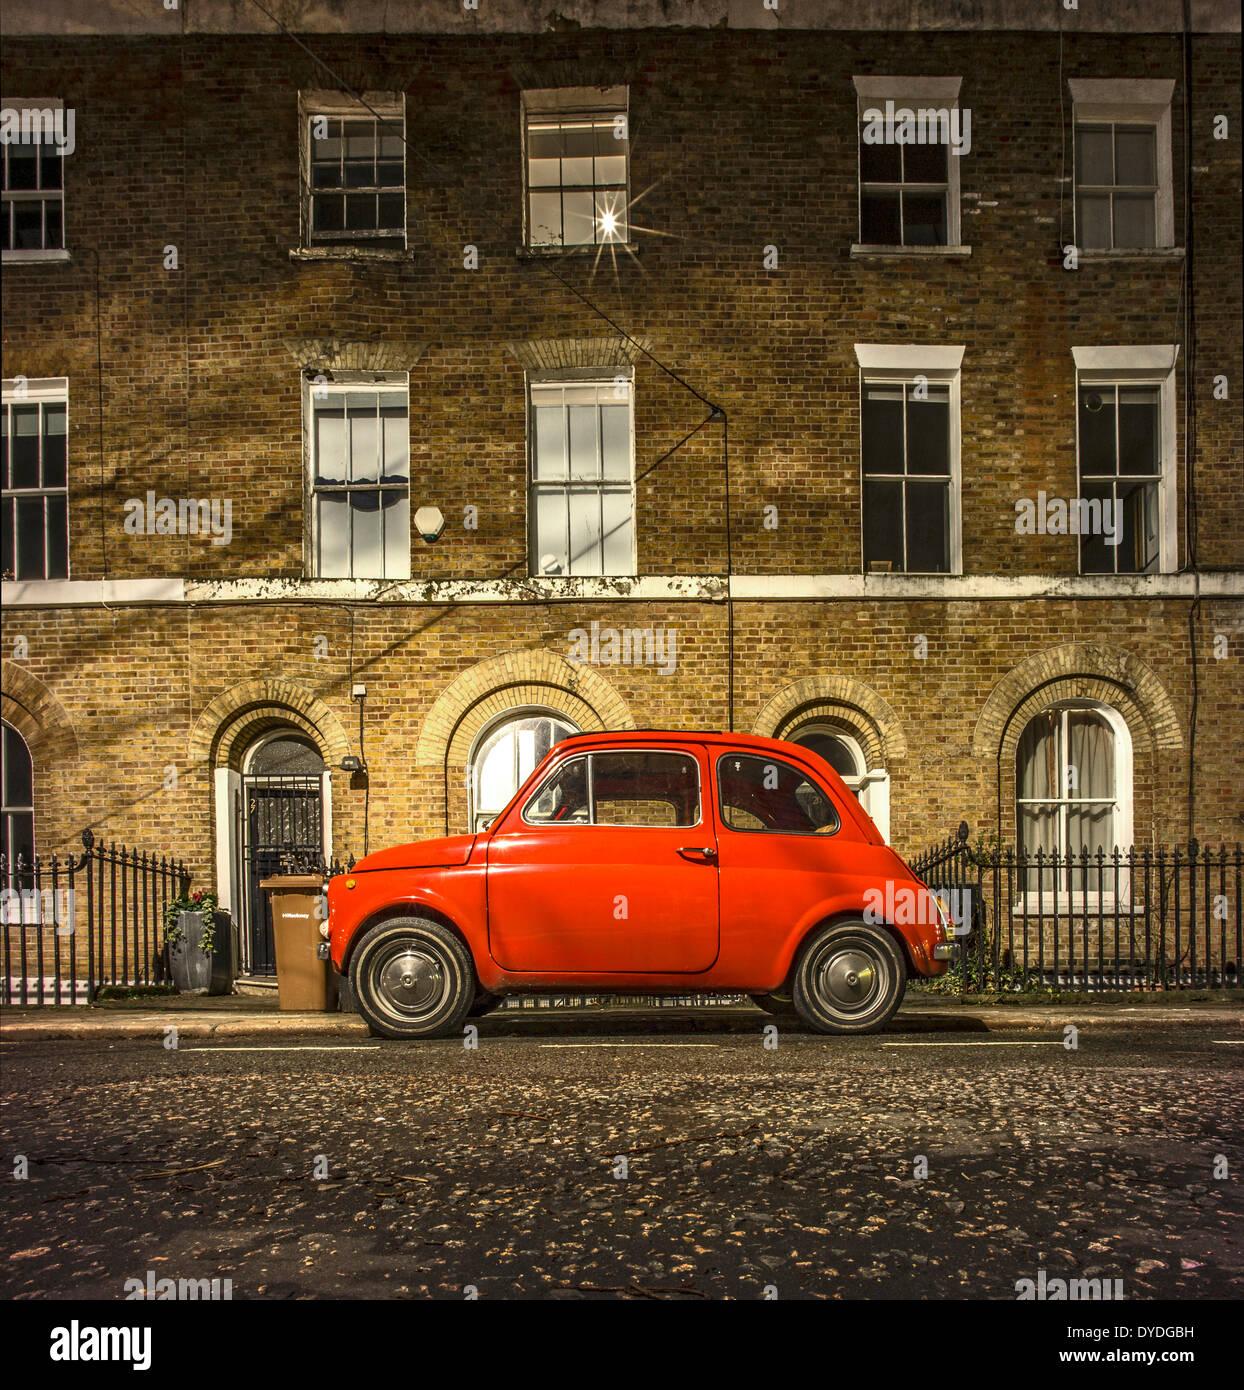 Un original Fiat 500 estacionado en una calle de Londres. Imagen De Stock